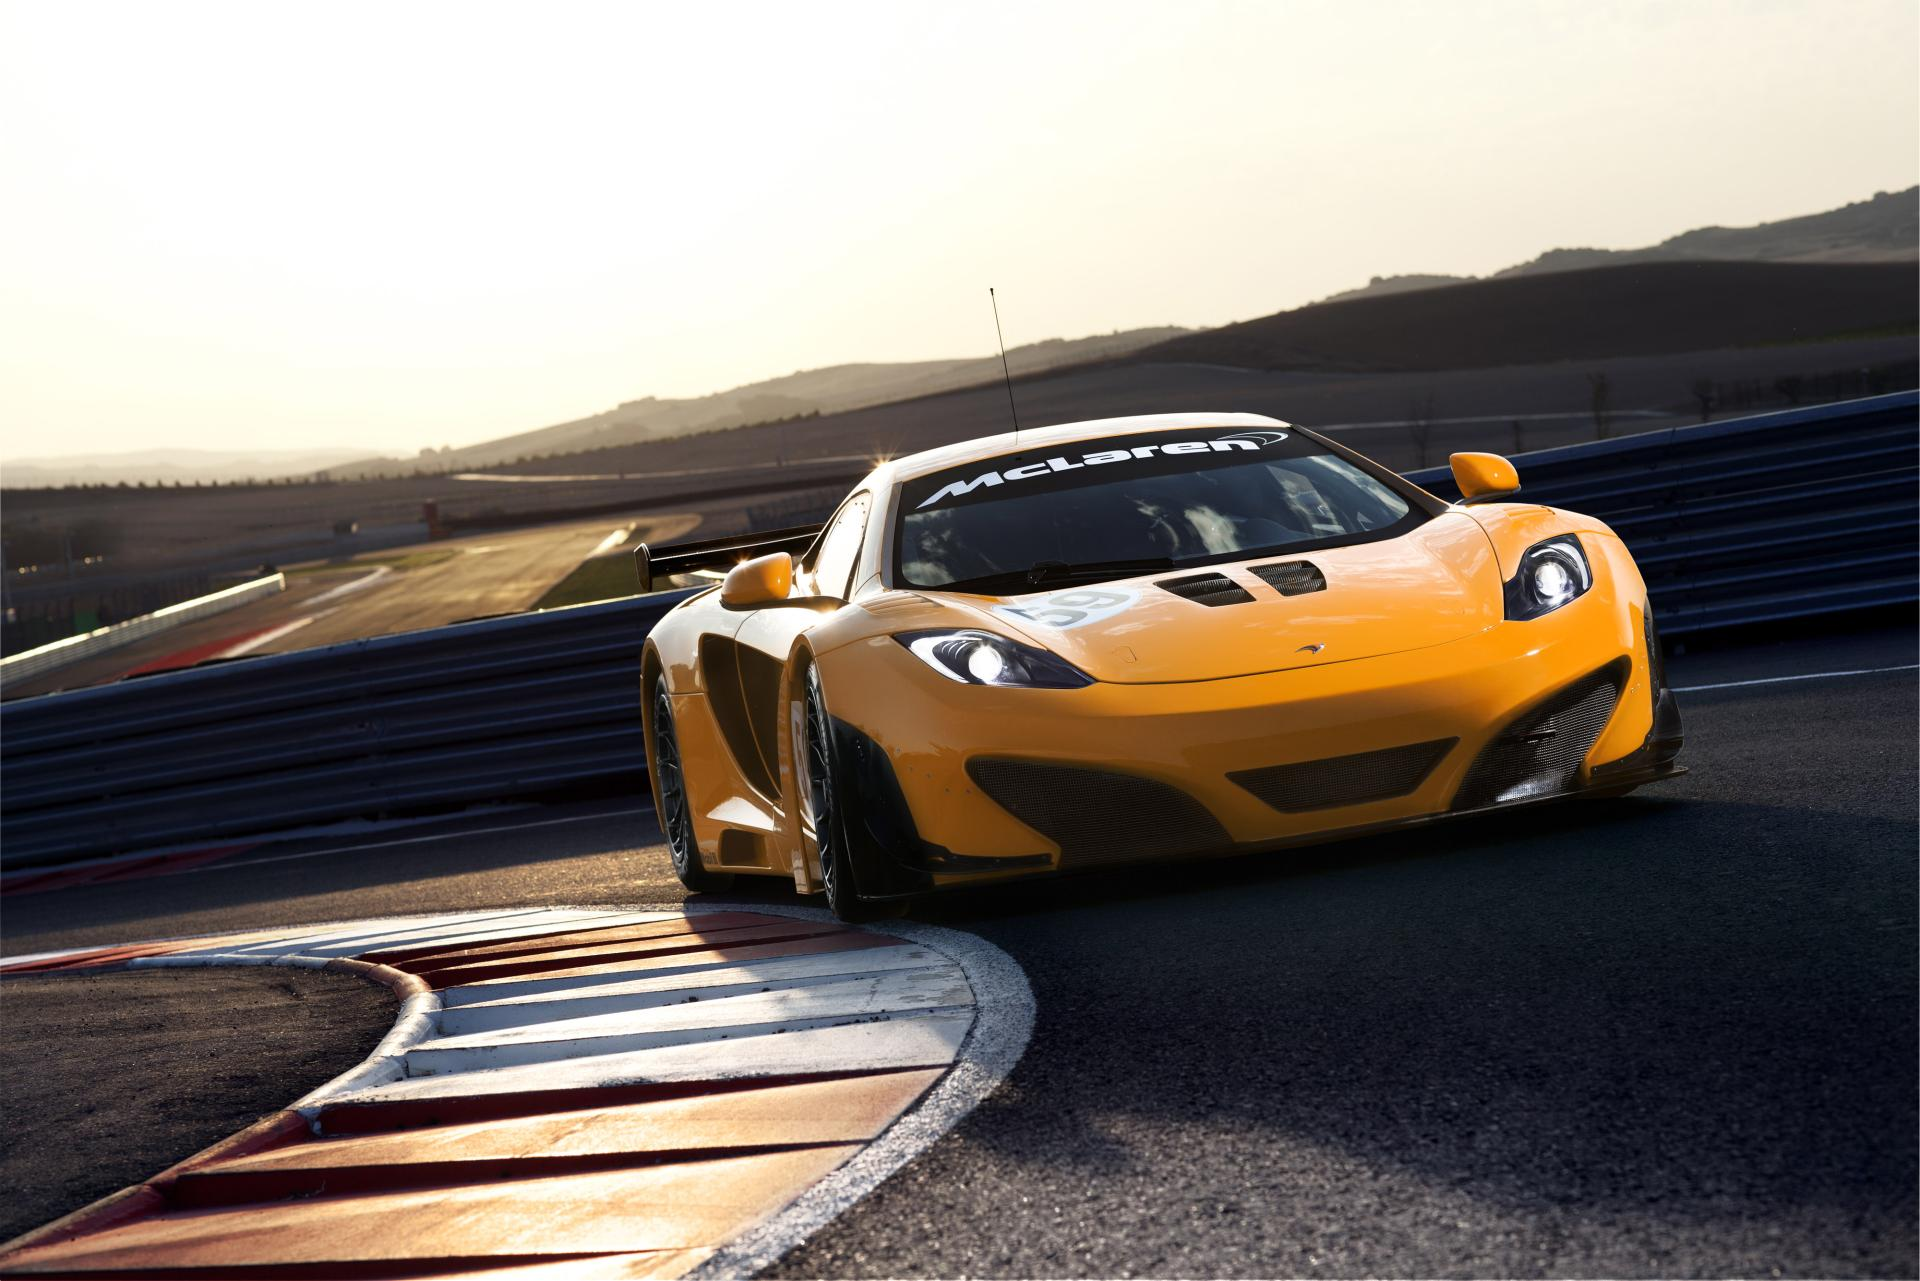 желтый спортивный автомобиль McLaren MP4 12C GT3  № 667669 бесплатно